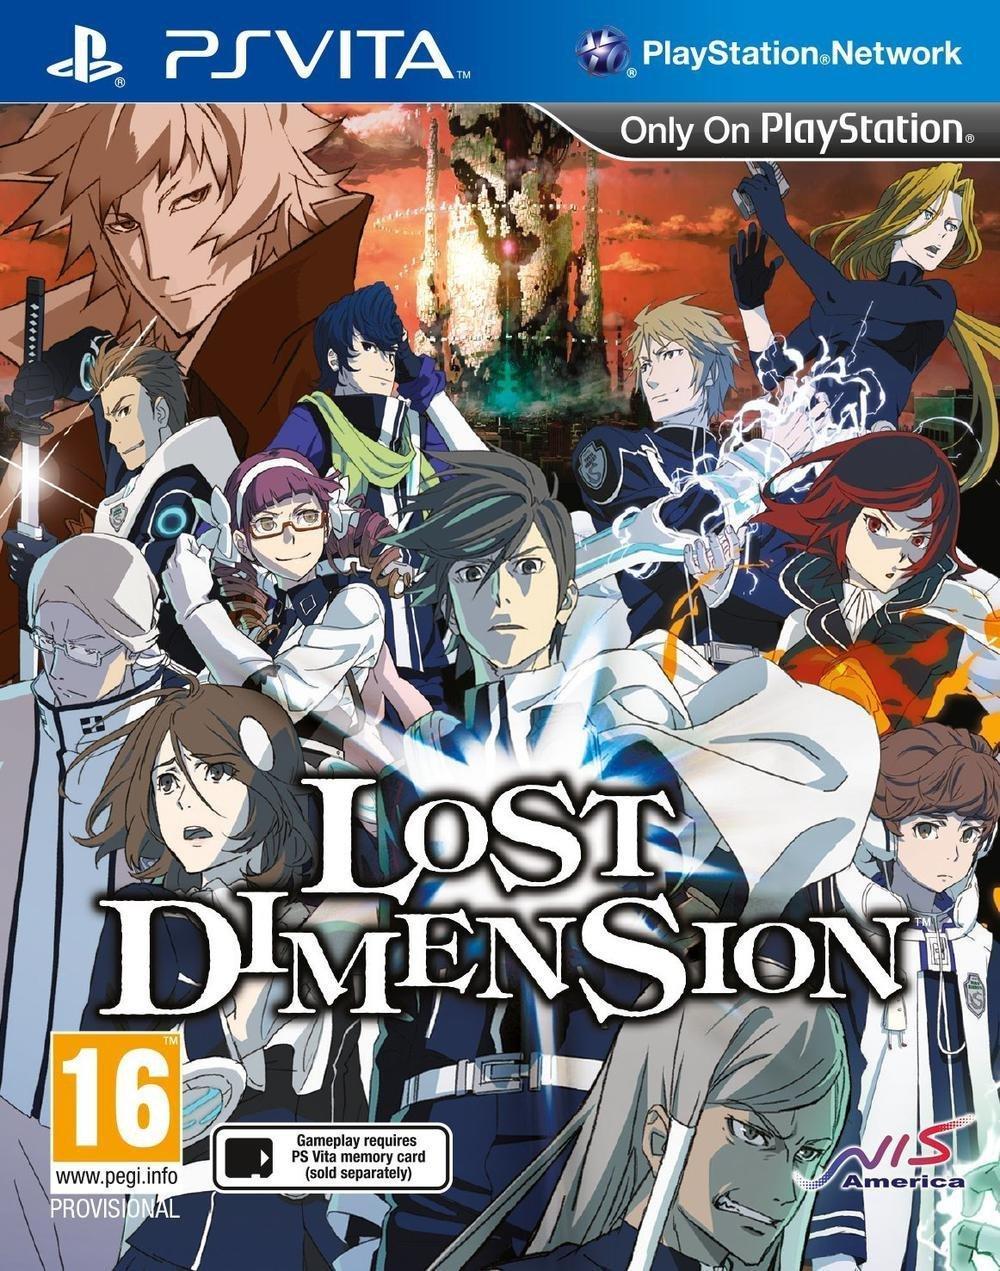 Lost Dimension_1